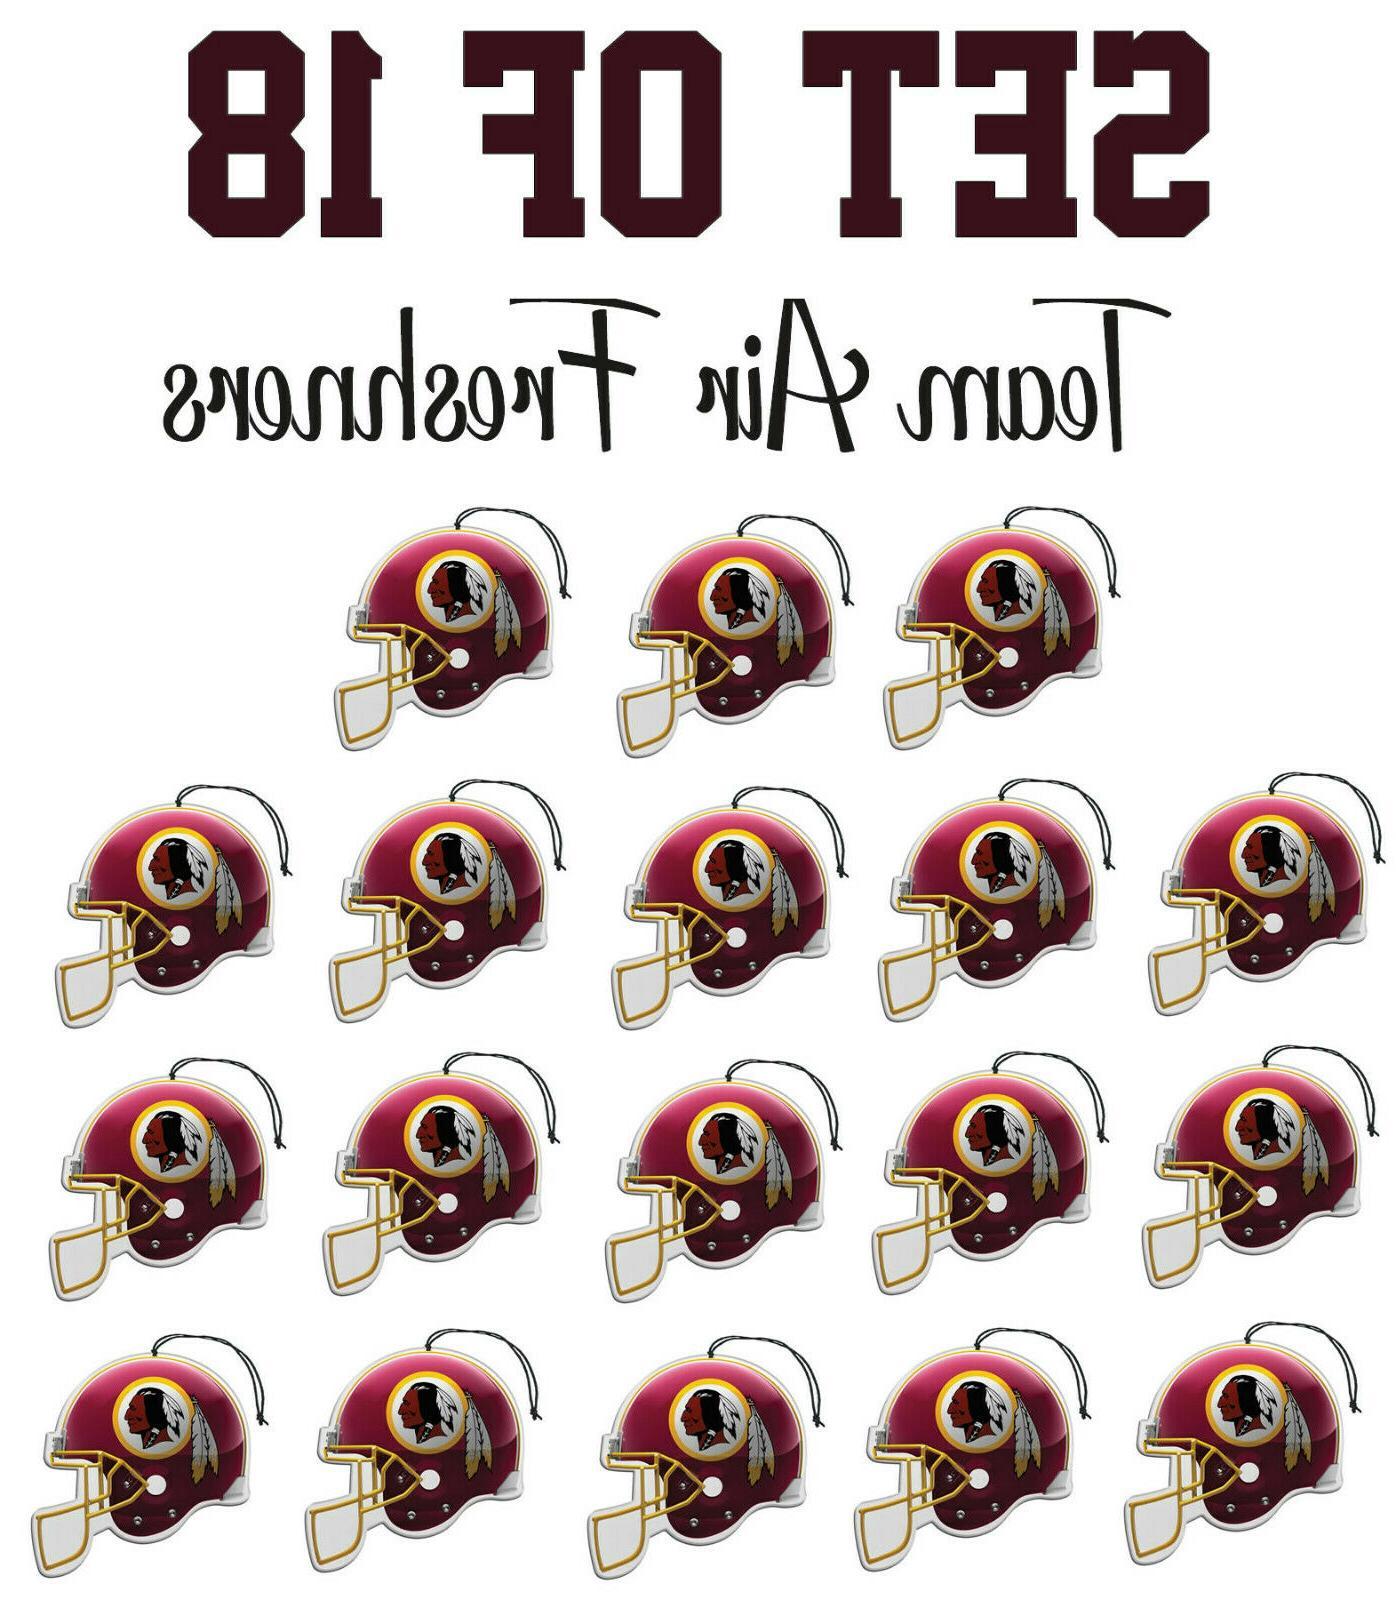 set of 18 washington redskins team helmet